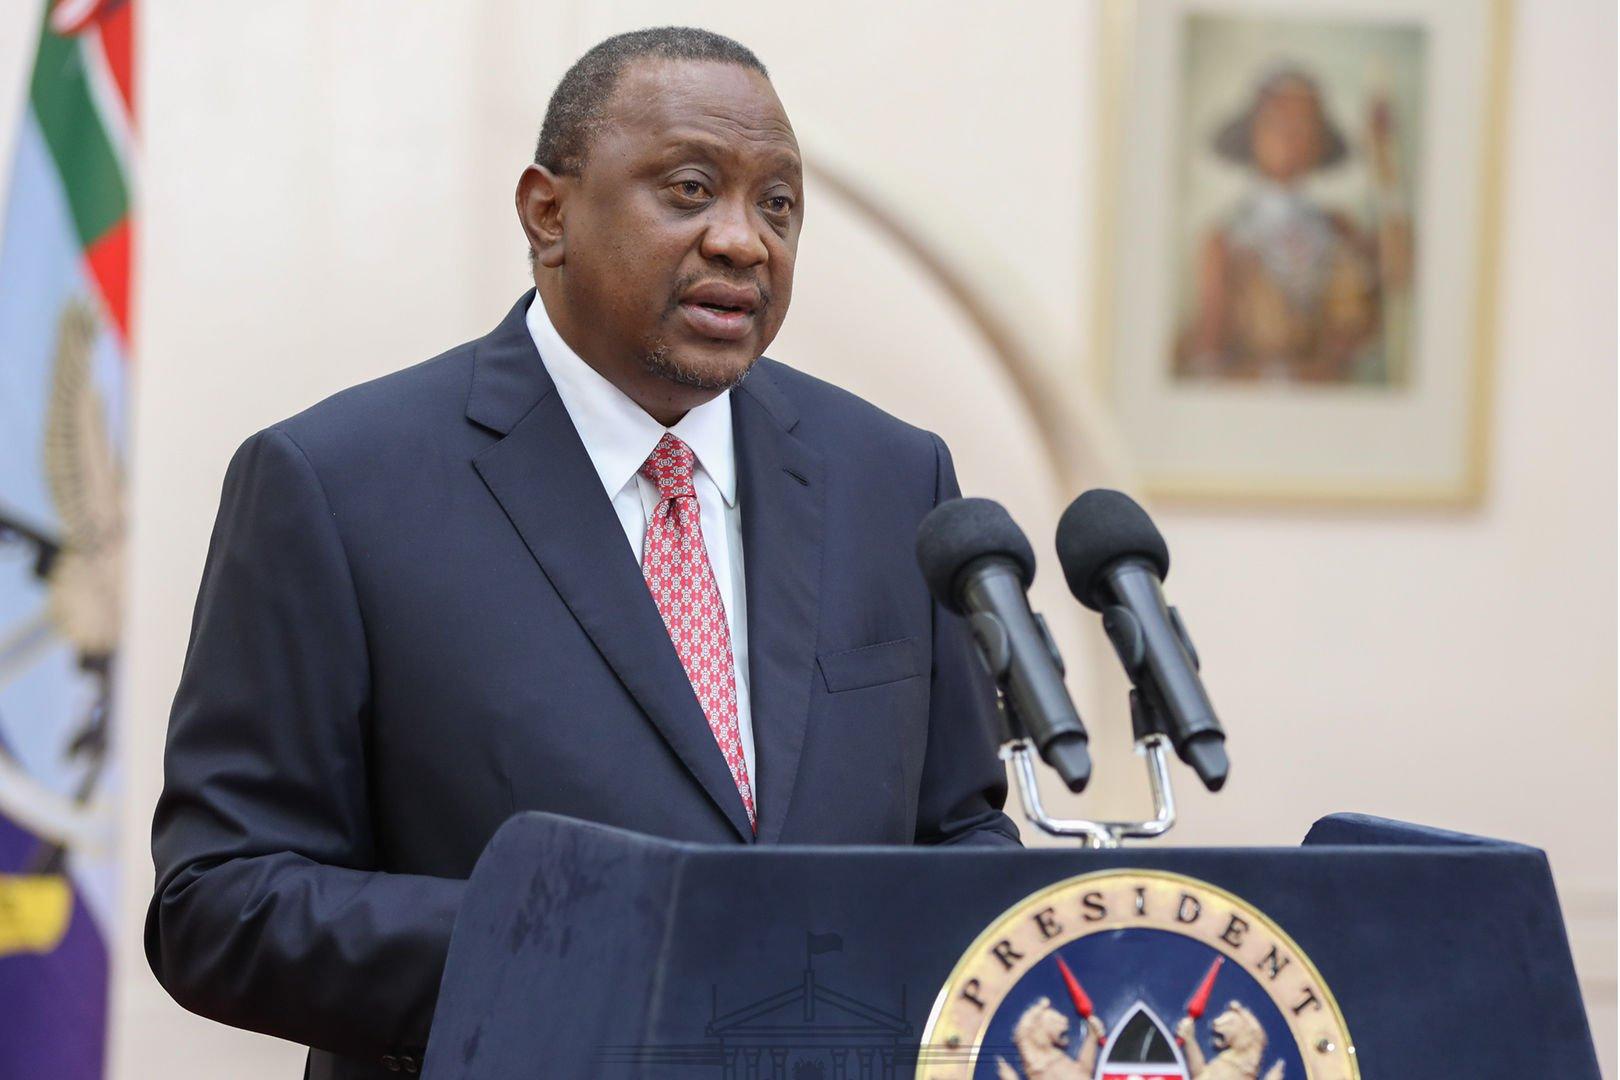 Le président Biden reçoit ce jeudi son homologue kenyan à la Maison Blanche